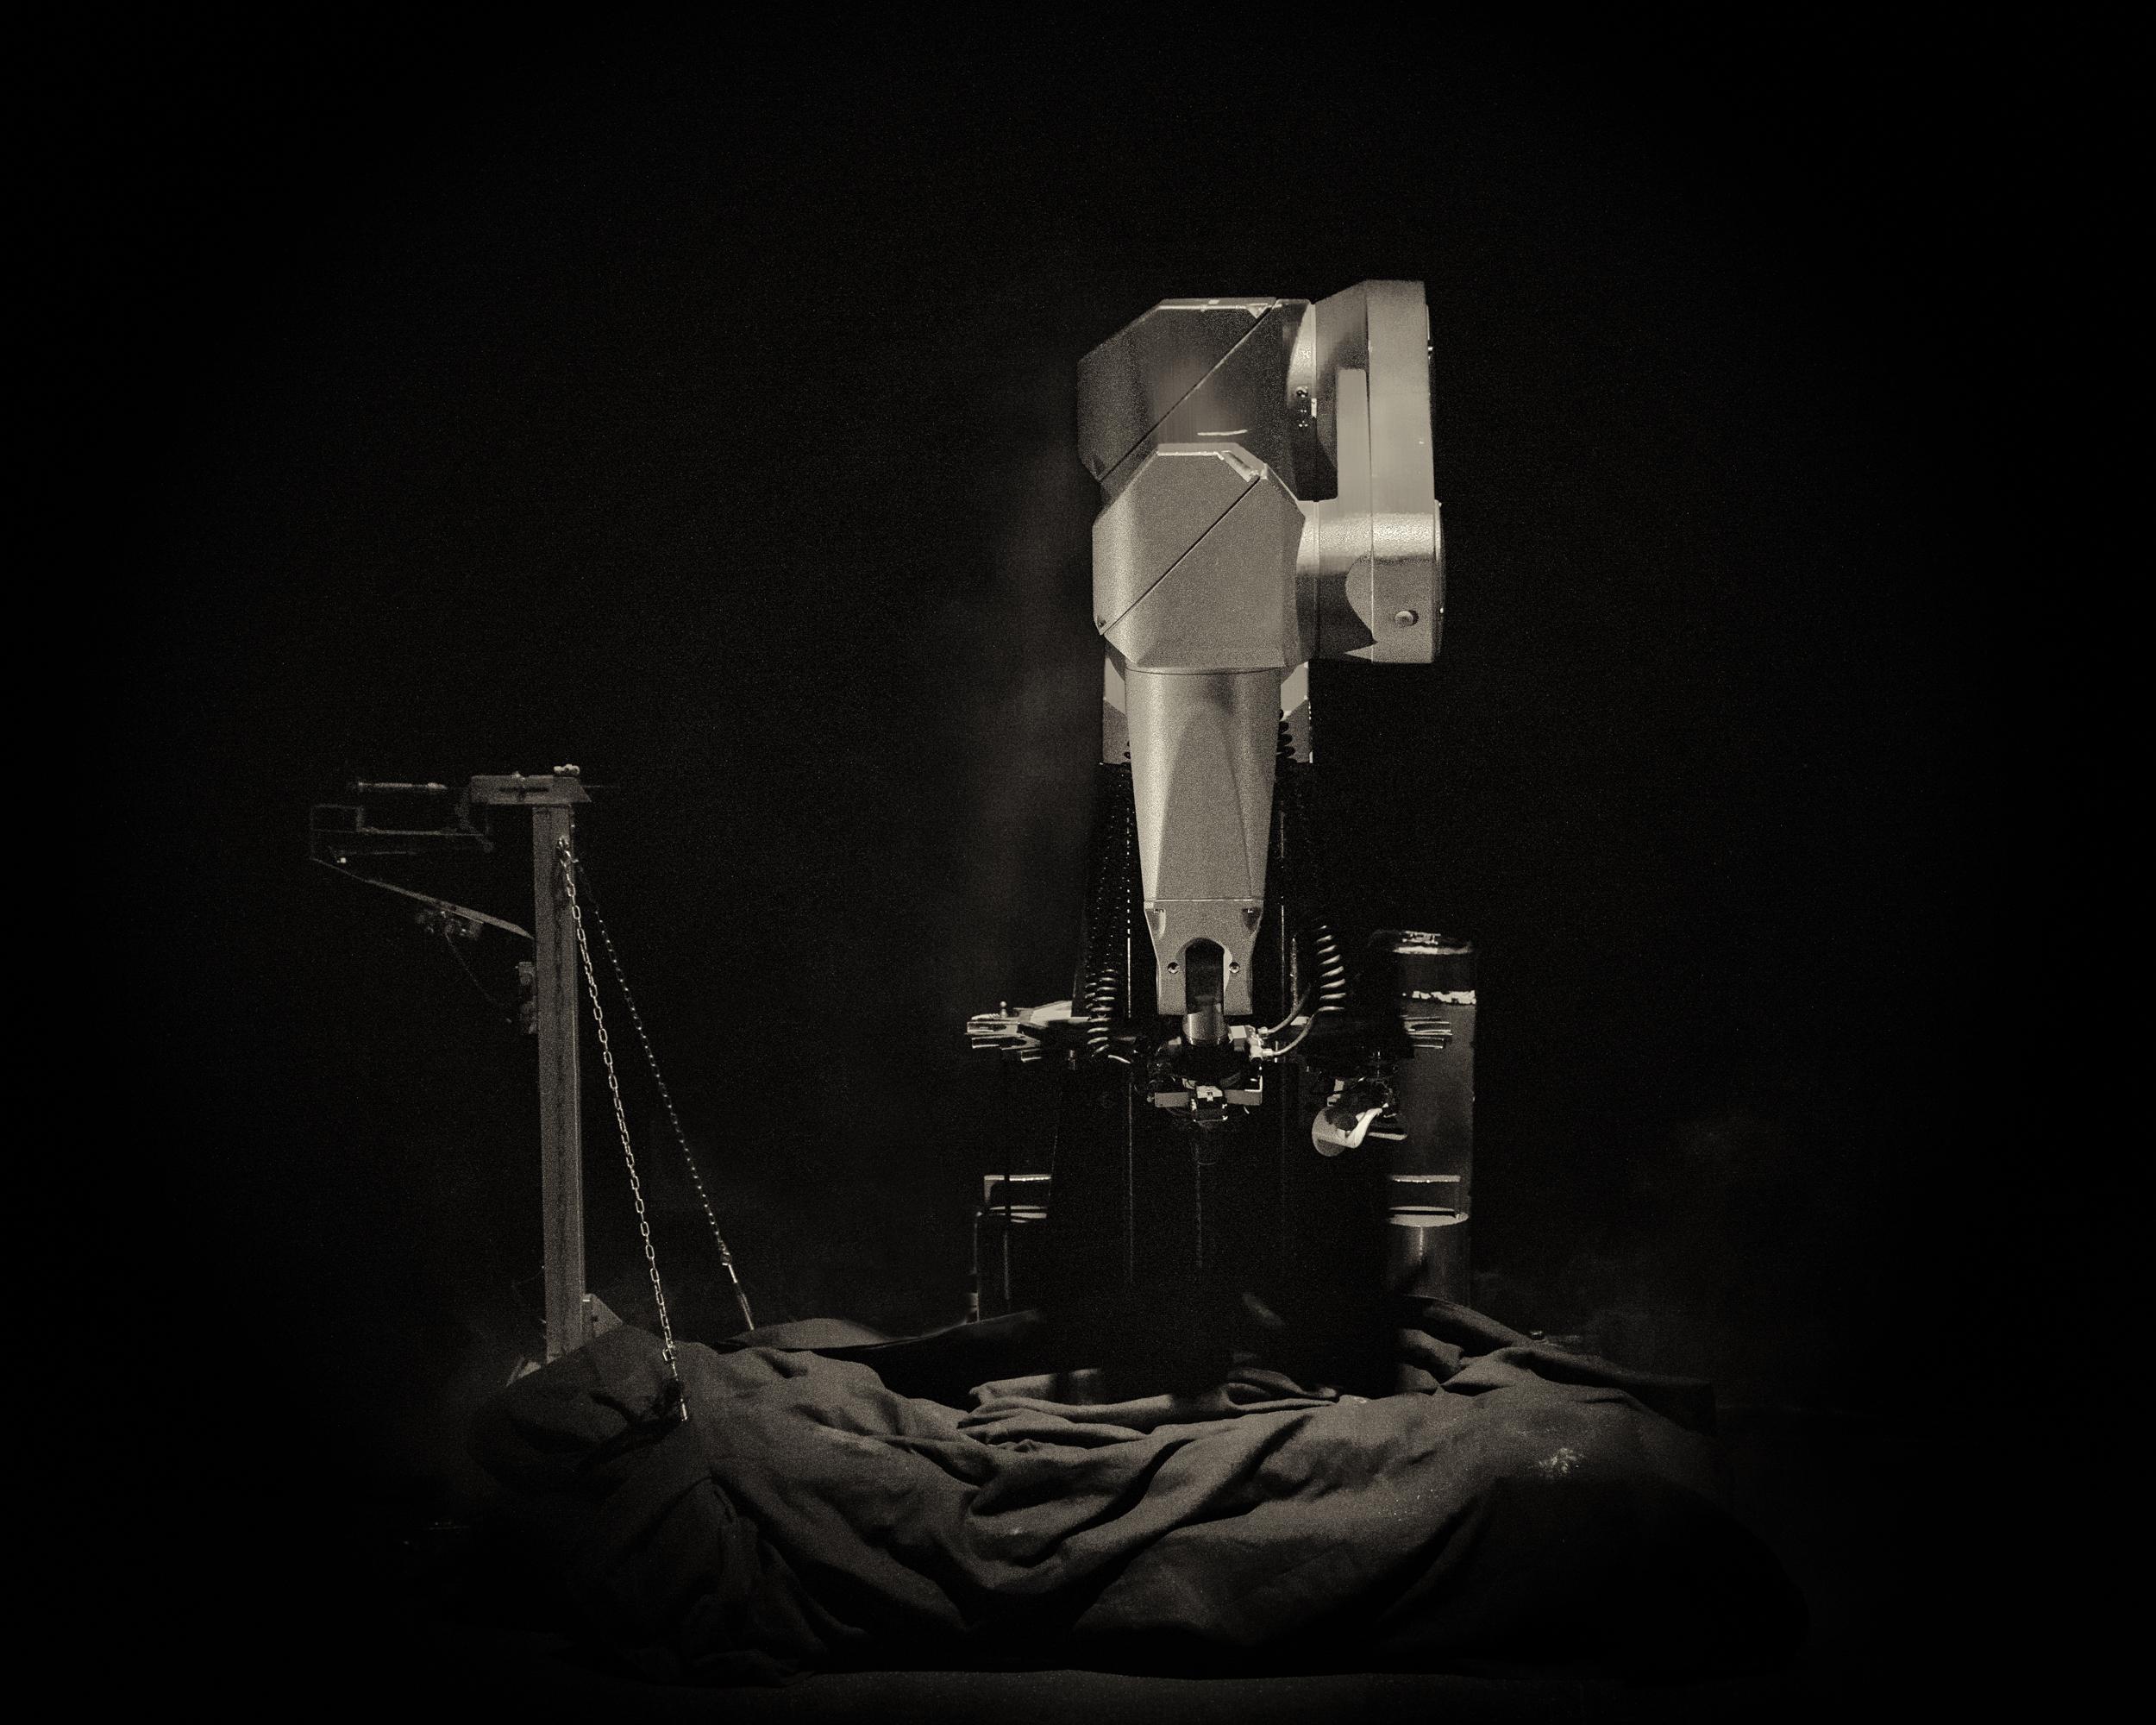 La créature métallique, un spectacle robotique